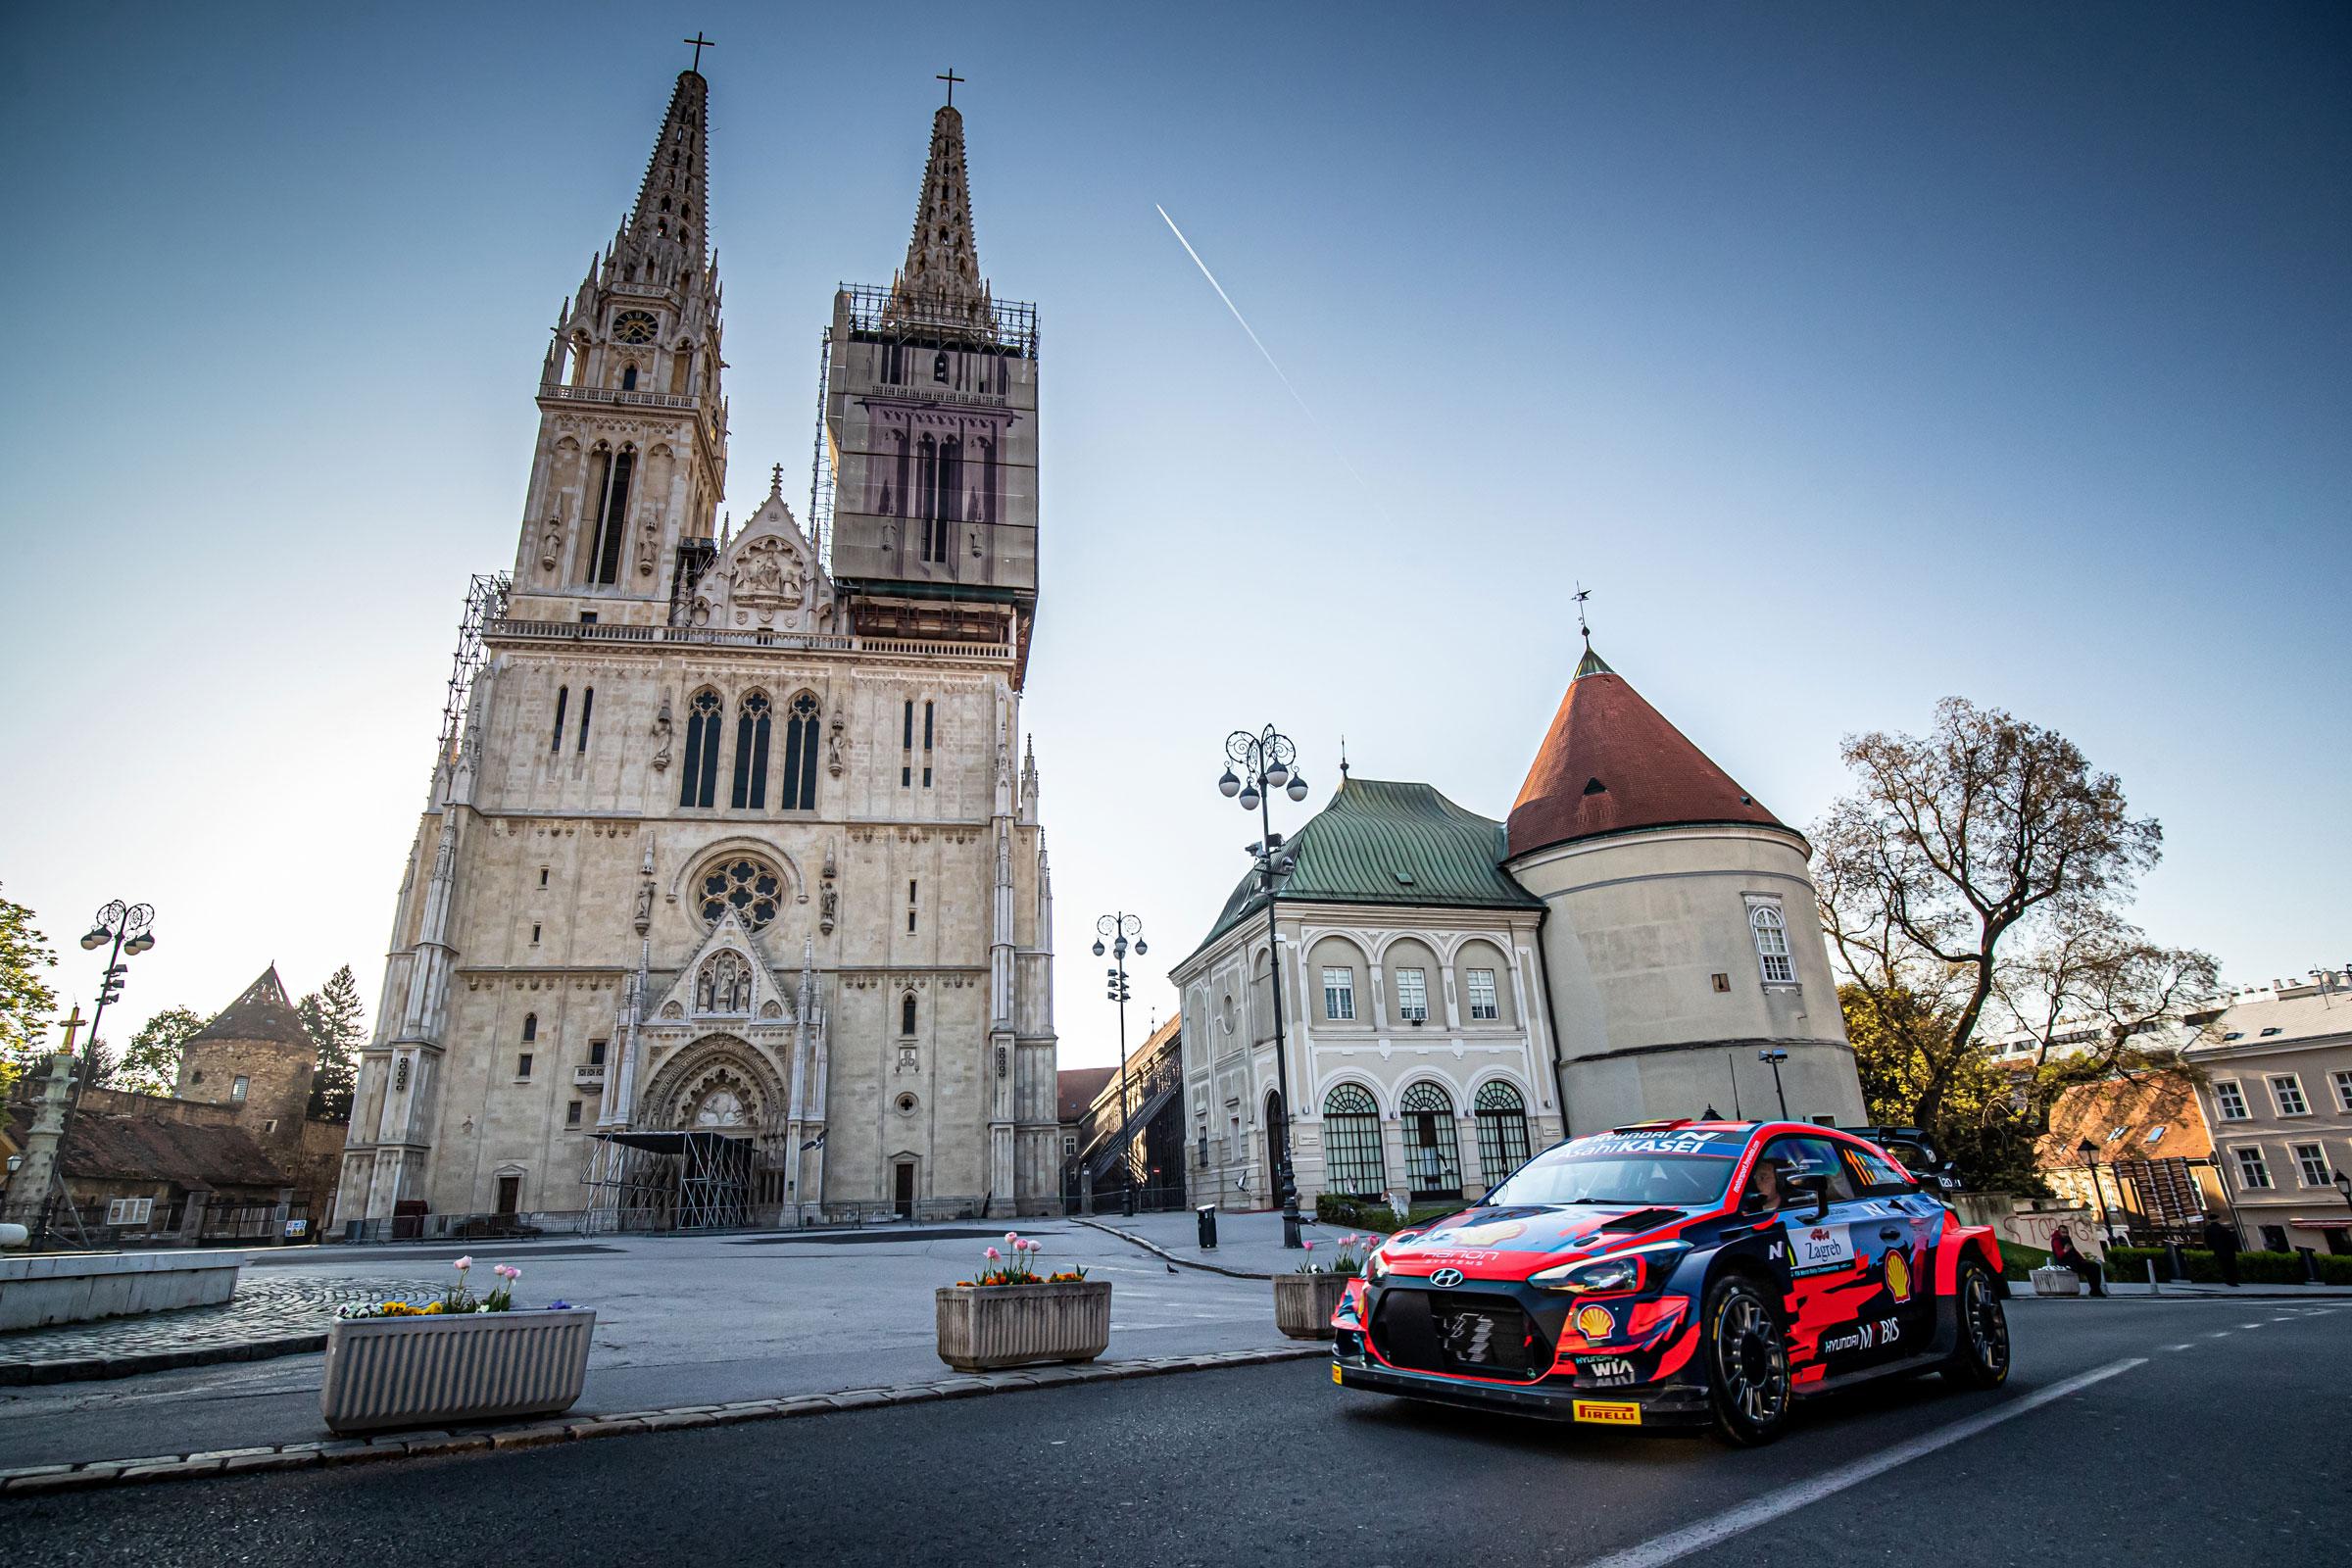 Slika iz Hrvatske obišla svijet - Croatia Rally se gledao live u 150 zemalja širom svijeta - 2